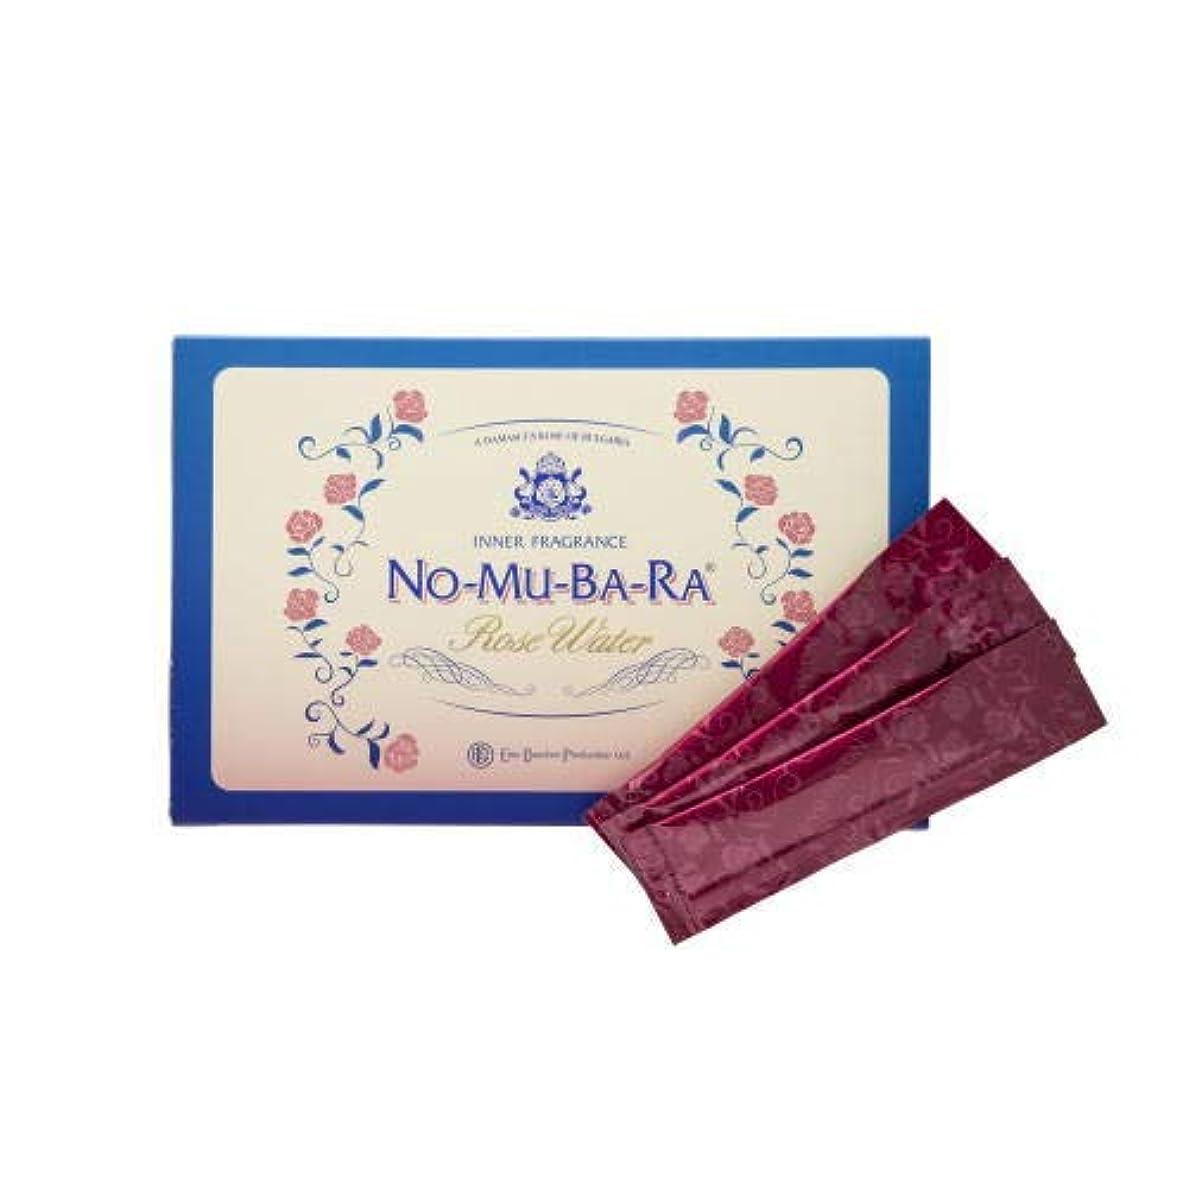 不完全家禽愚かなNO-MU-BA-RA NO-MU-BA-RA(ノムバラ)(35包入)×2箱【モンドセレクション受賞】